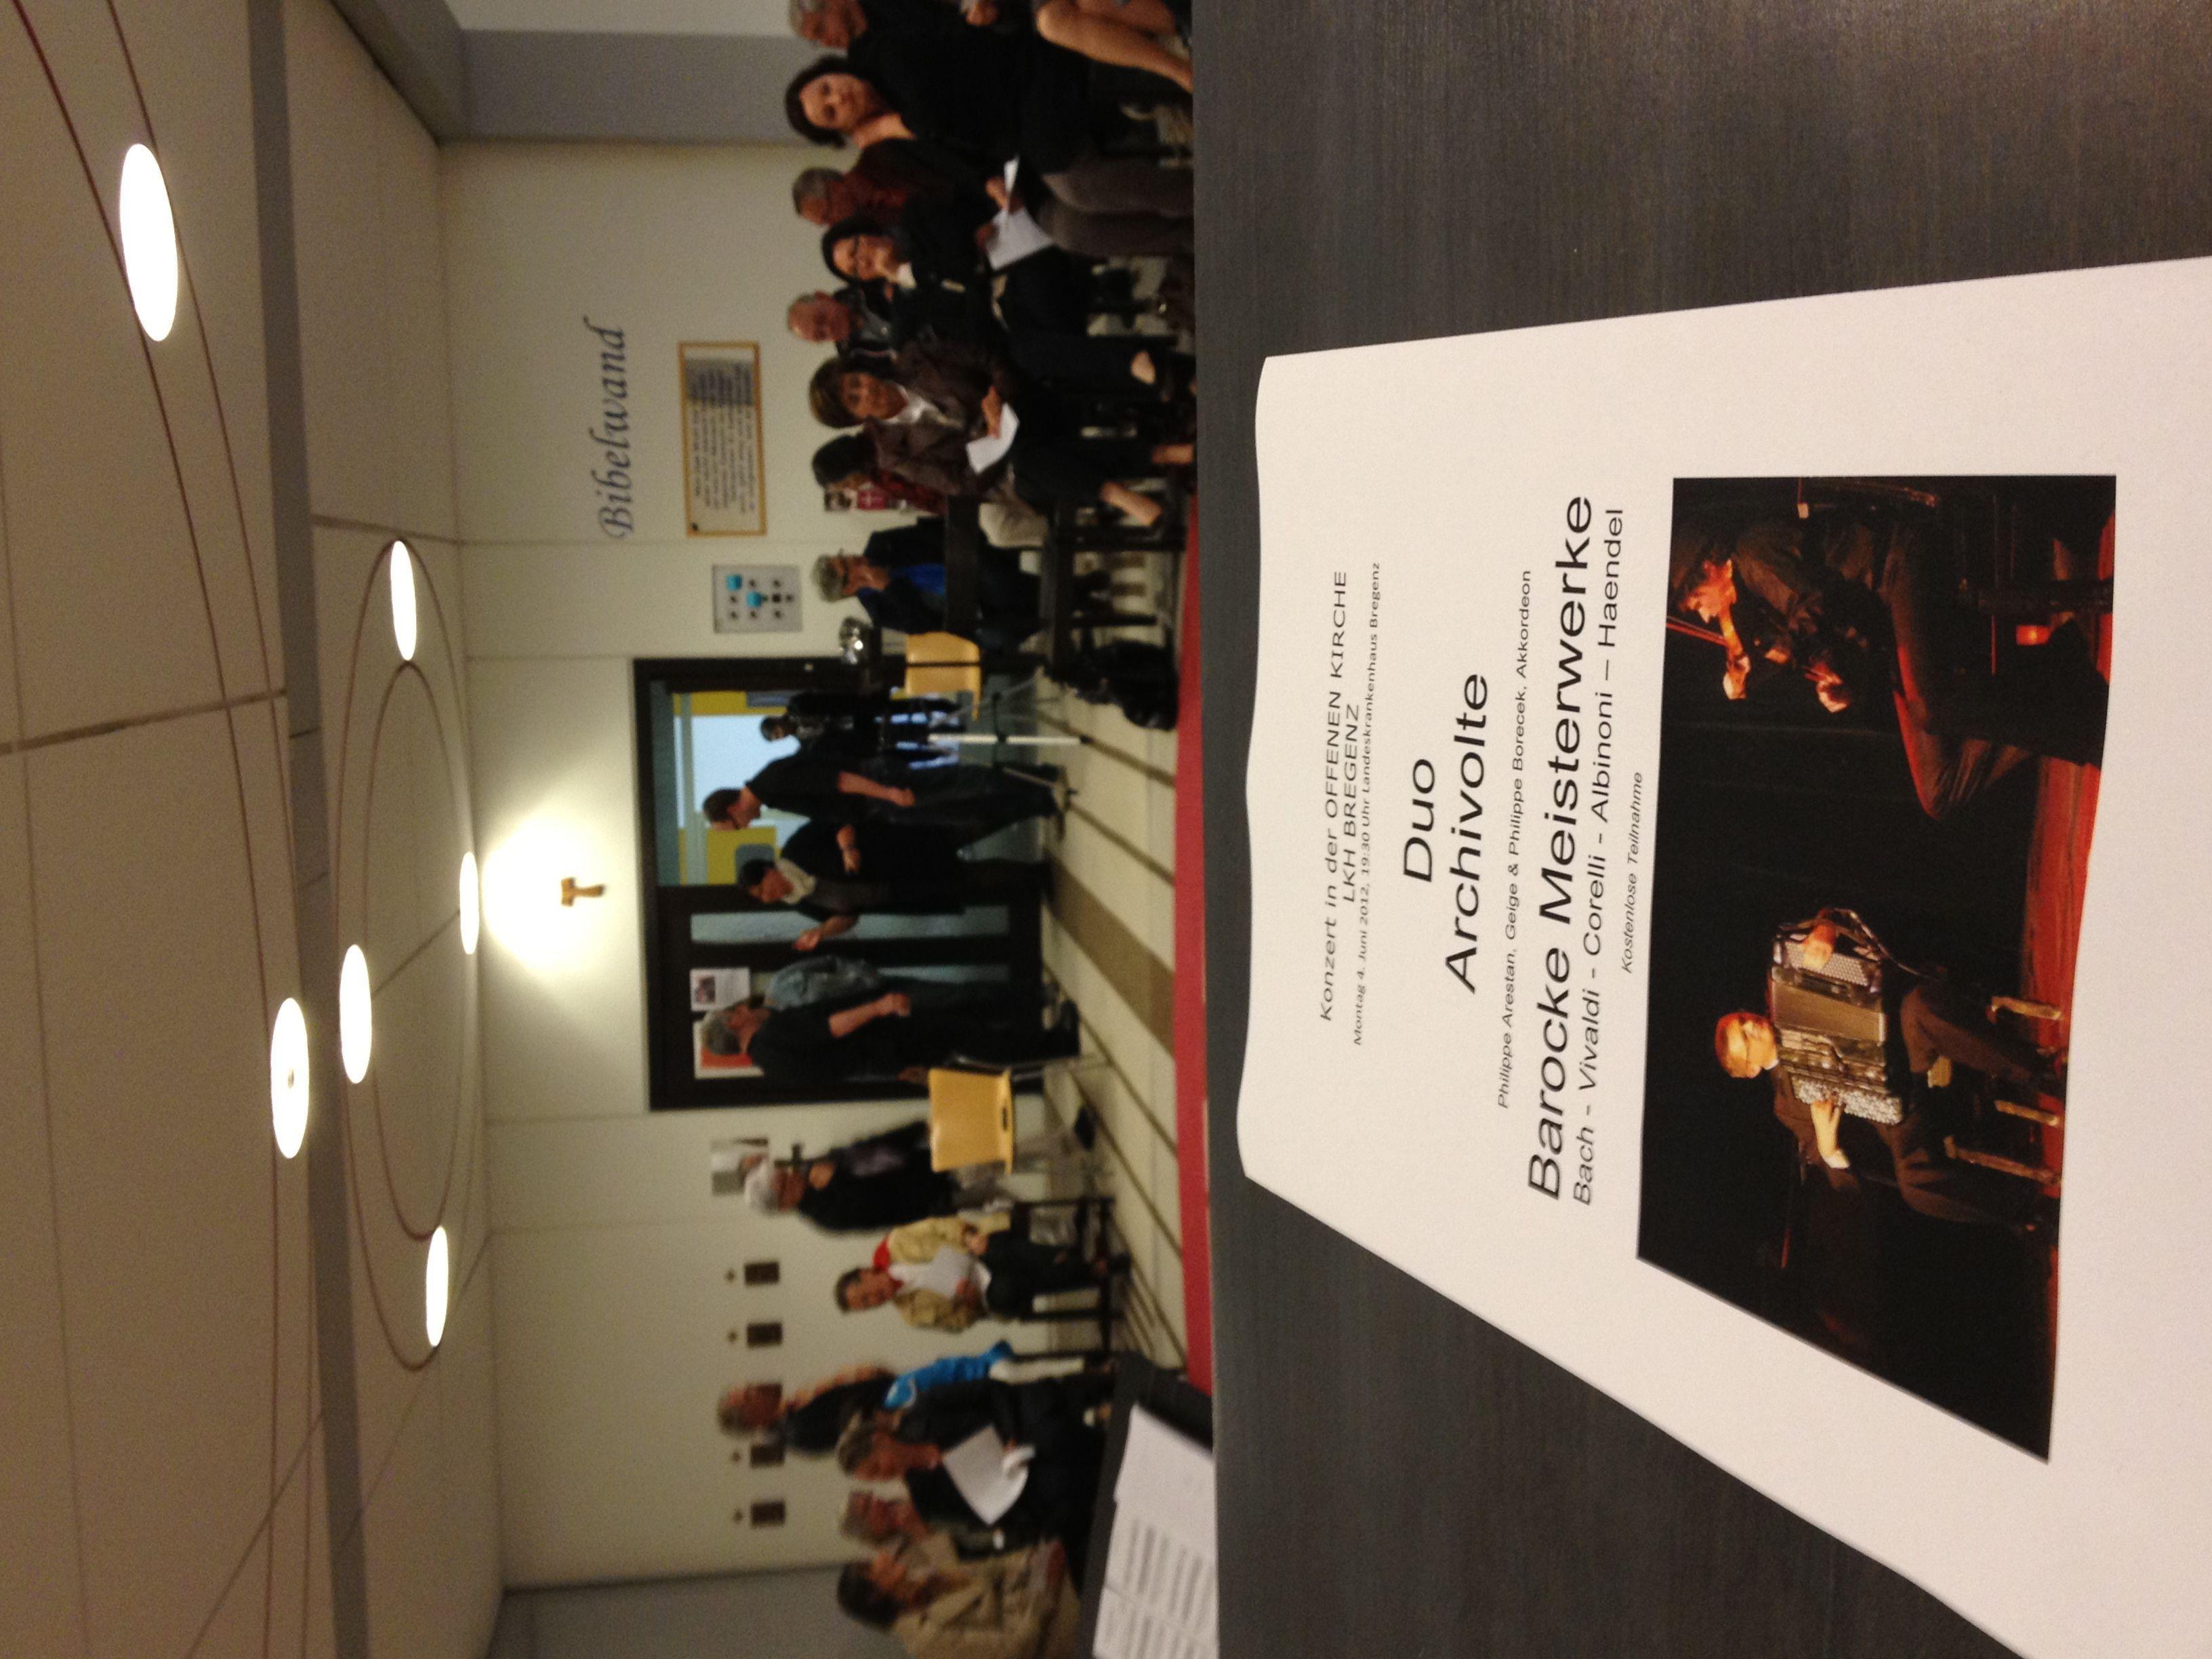 Begeistende Barockmusik boten der Violinist Philippe Arestan und der Akkordeonist Philippe Borecek in der Offenen Kirche im LKH Bregenz